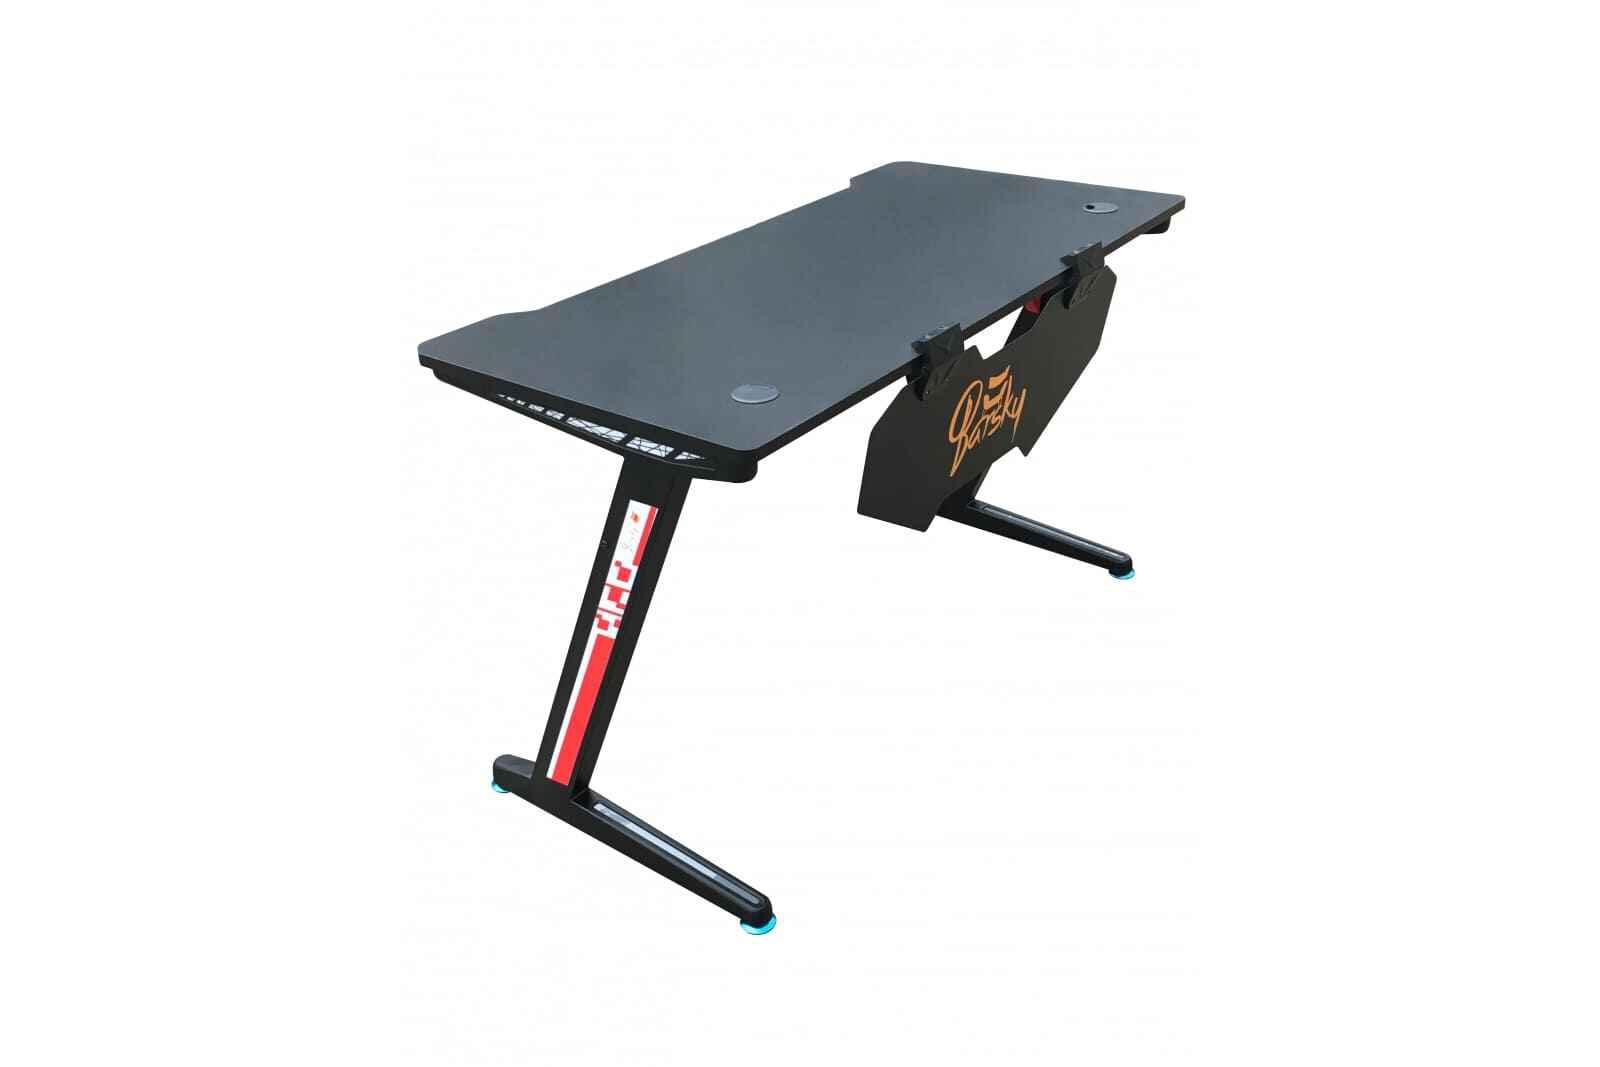 геймерский стол розетка